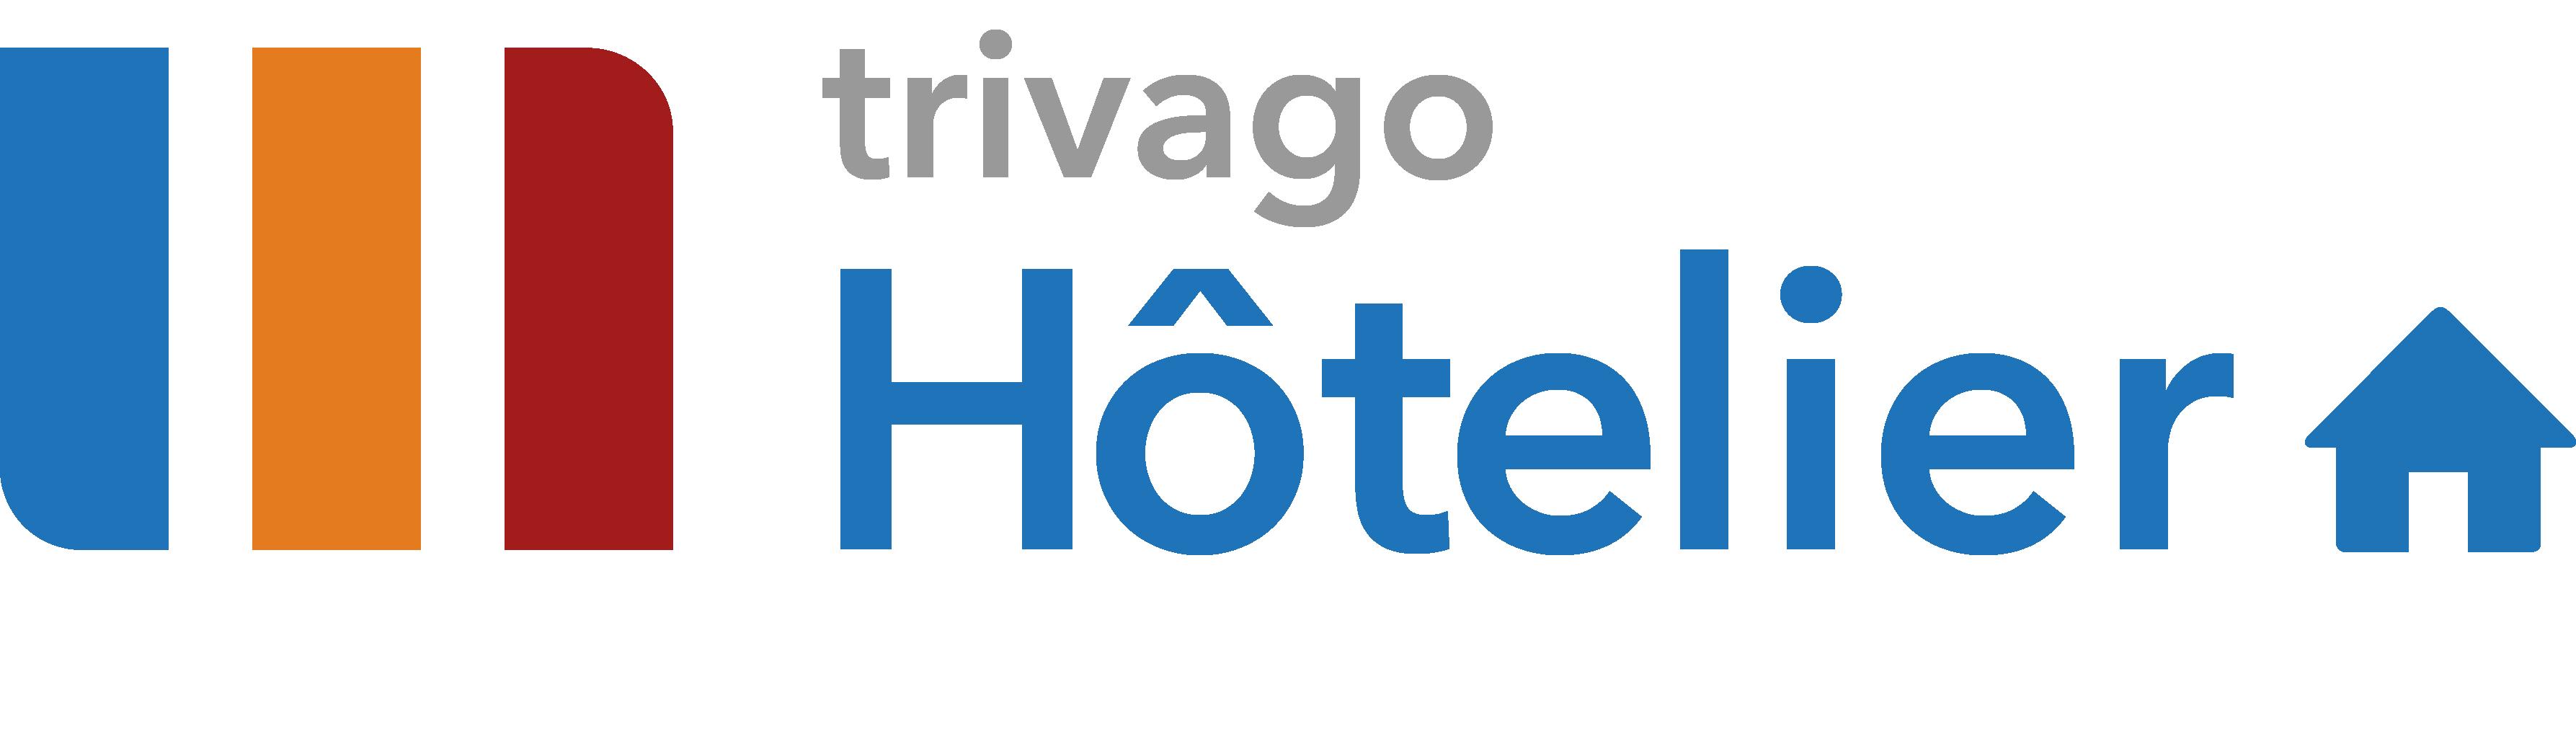 File:Trivago hotelier logo.png - Trivago Logo PNG - Trivago Logo Vector PNG